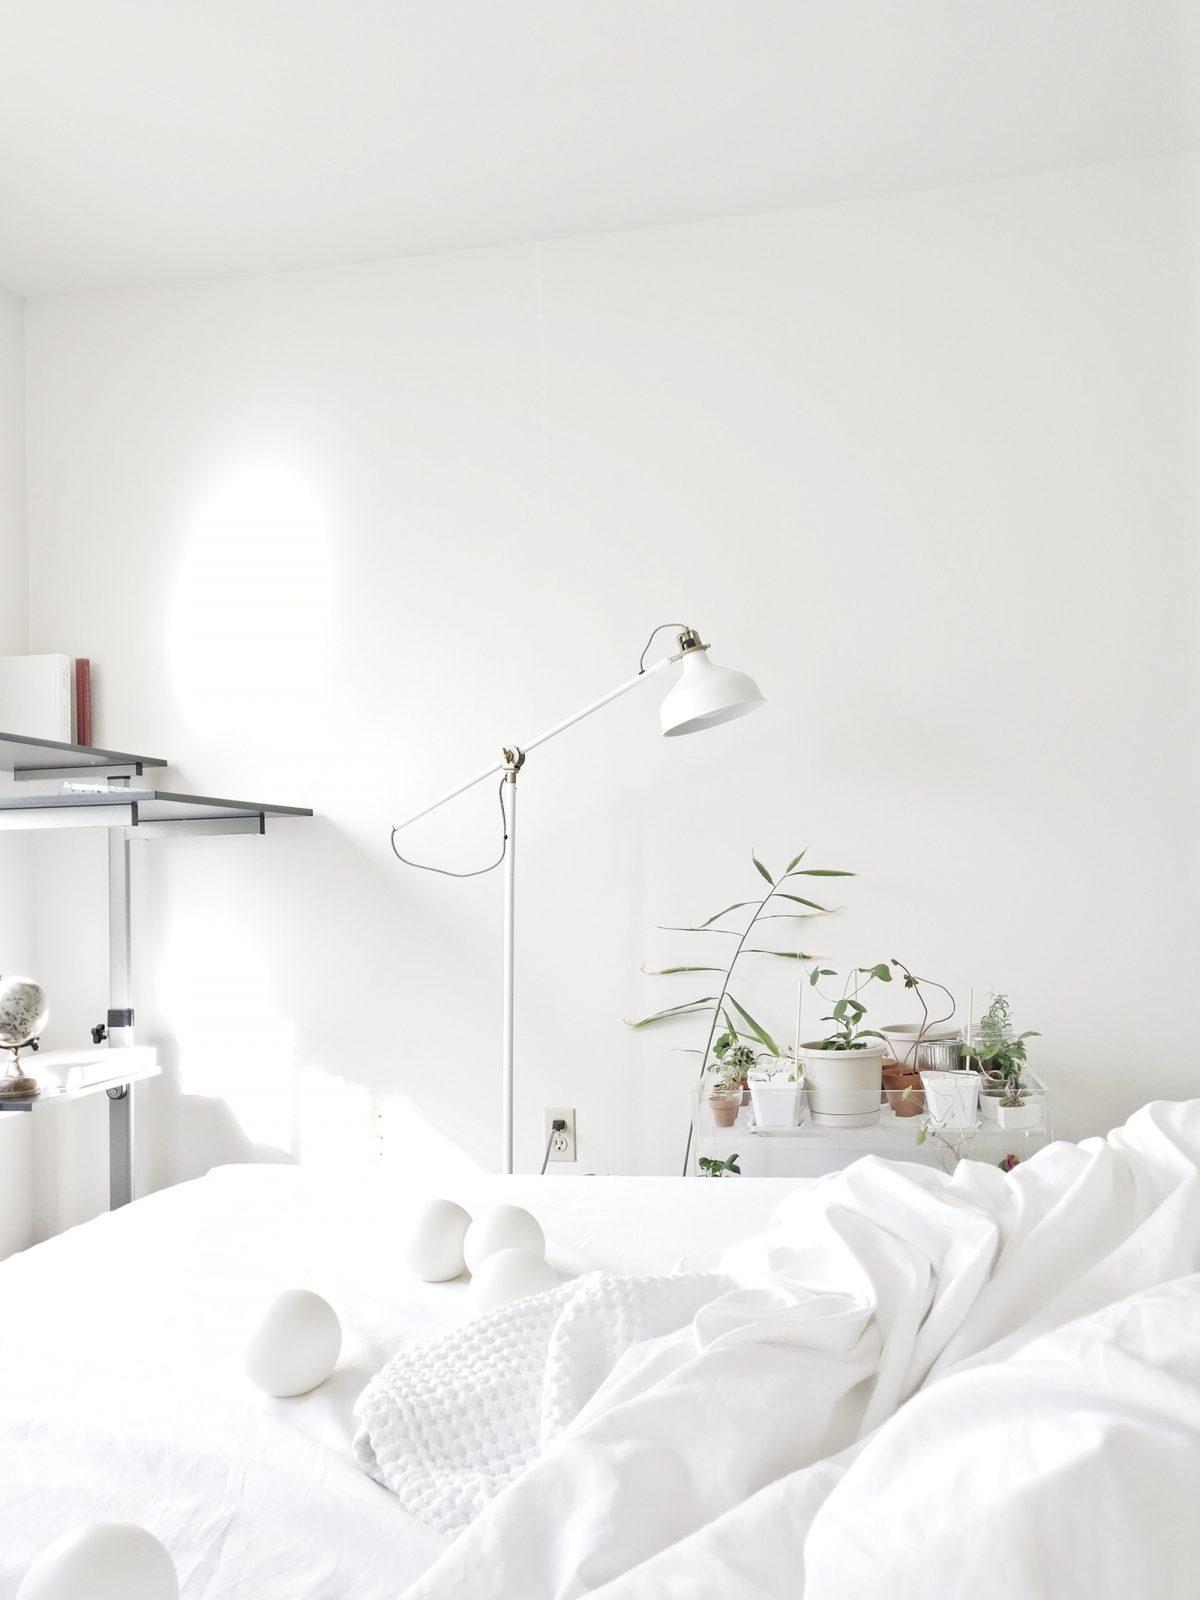 Chambray Fringe Quilt Cover – Mist